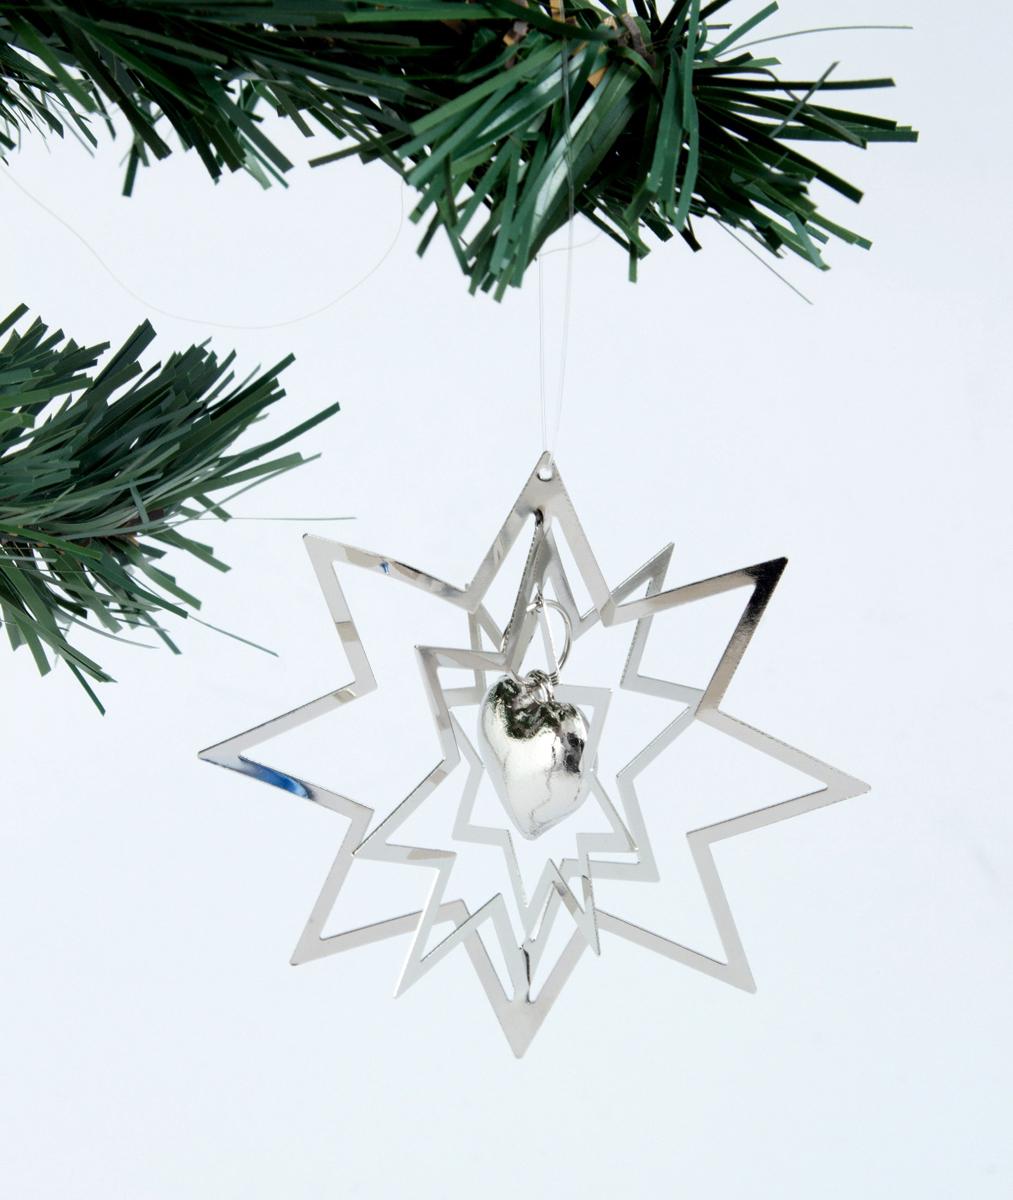 Украшение новогоднее елочное Сердечко, диаметр 8 см. 171130171130Елочная игрушка - символ приближающегося праздника. Она послужит прекрасным подарком как для ребенка, так и для взрослого, а также дополнит новогодний интерьер.